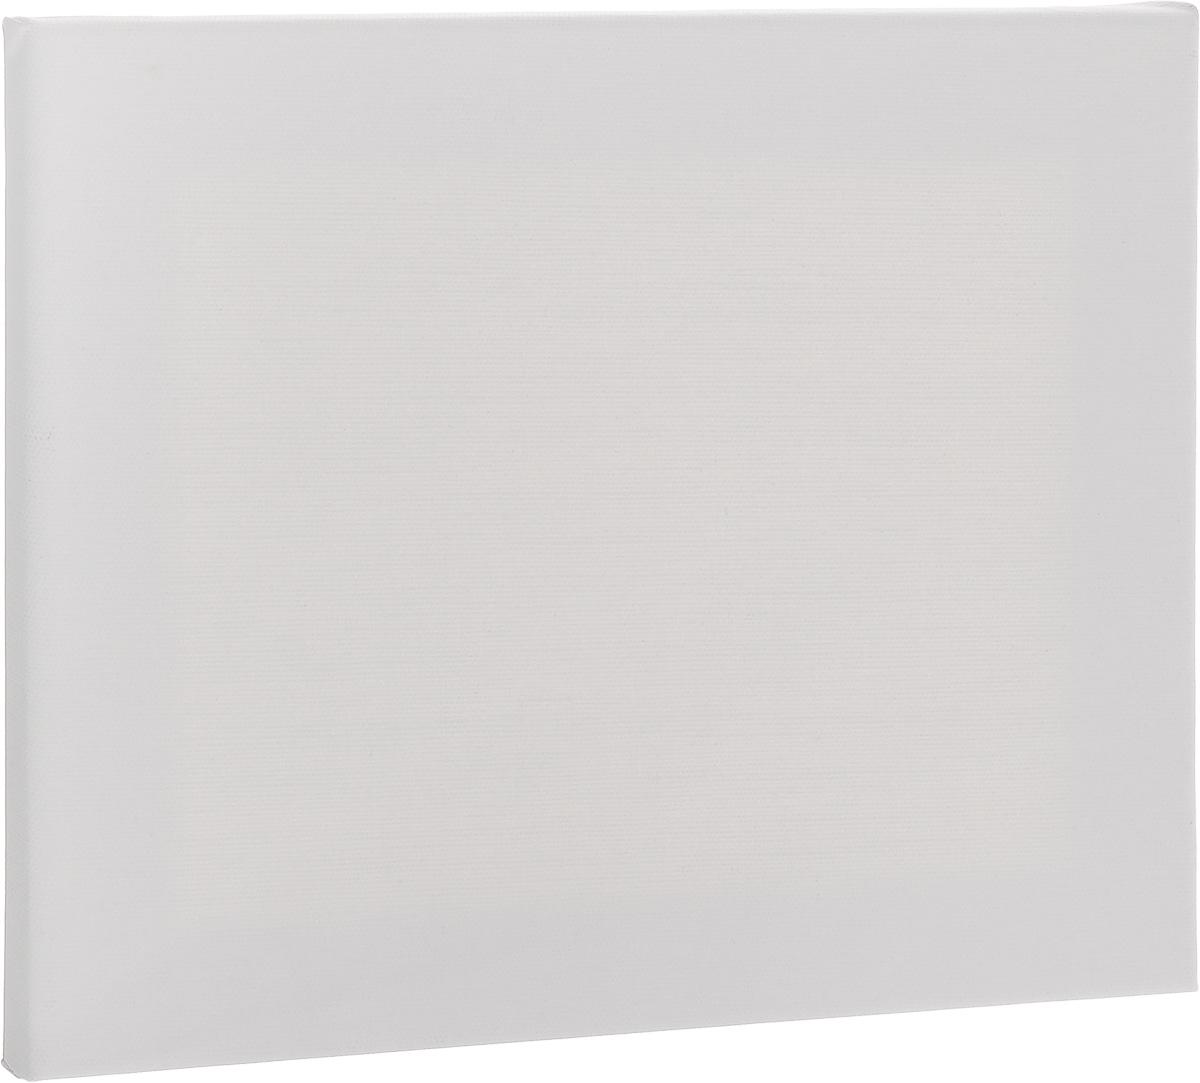 """Холст """"Гамма"""" на подрамнике выполнен из льна и хлопка и предназначен для живописи масляными и акриловыми красками. Размер холста: 25 х 30 см."""